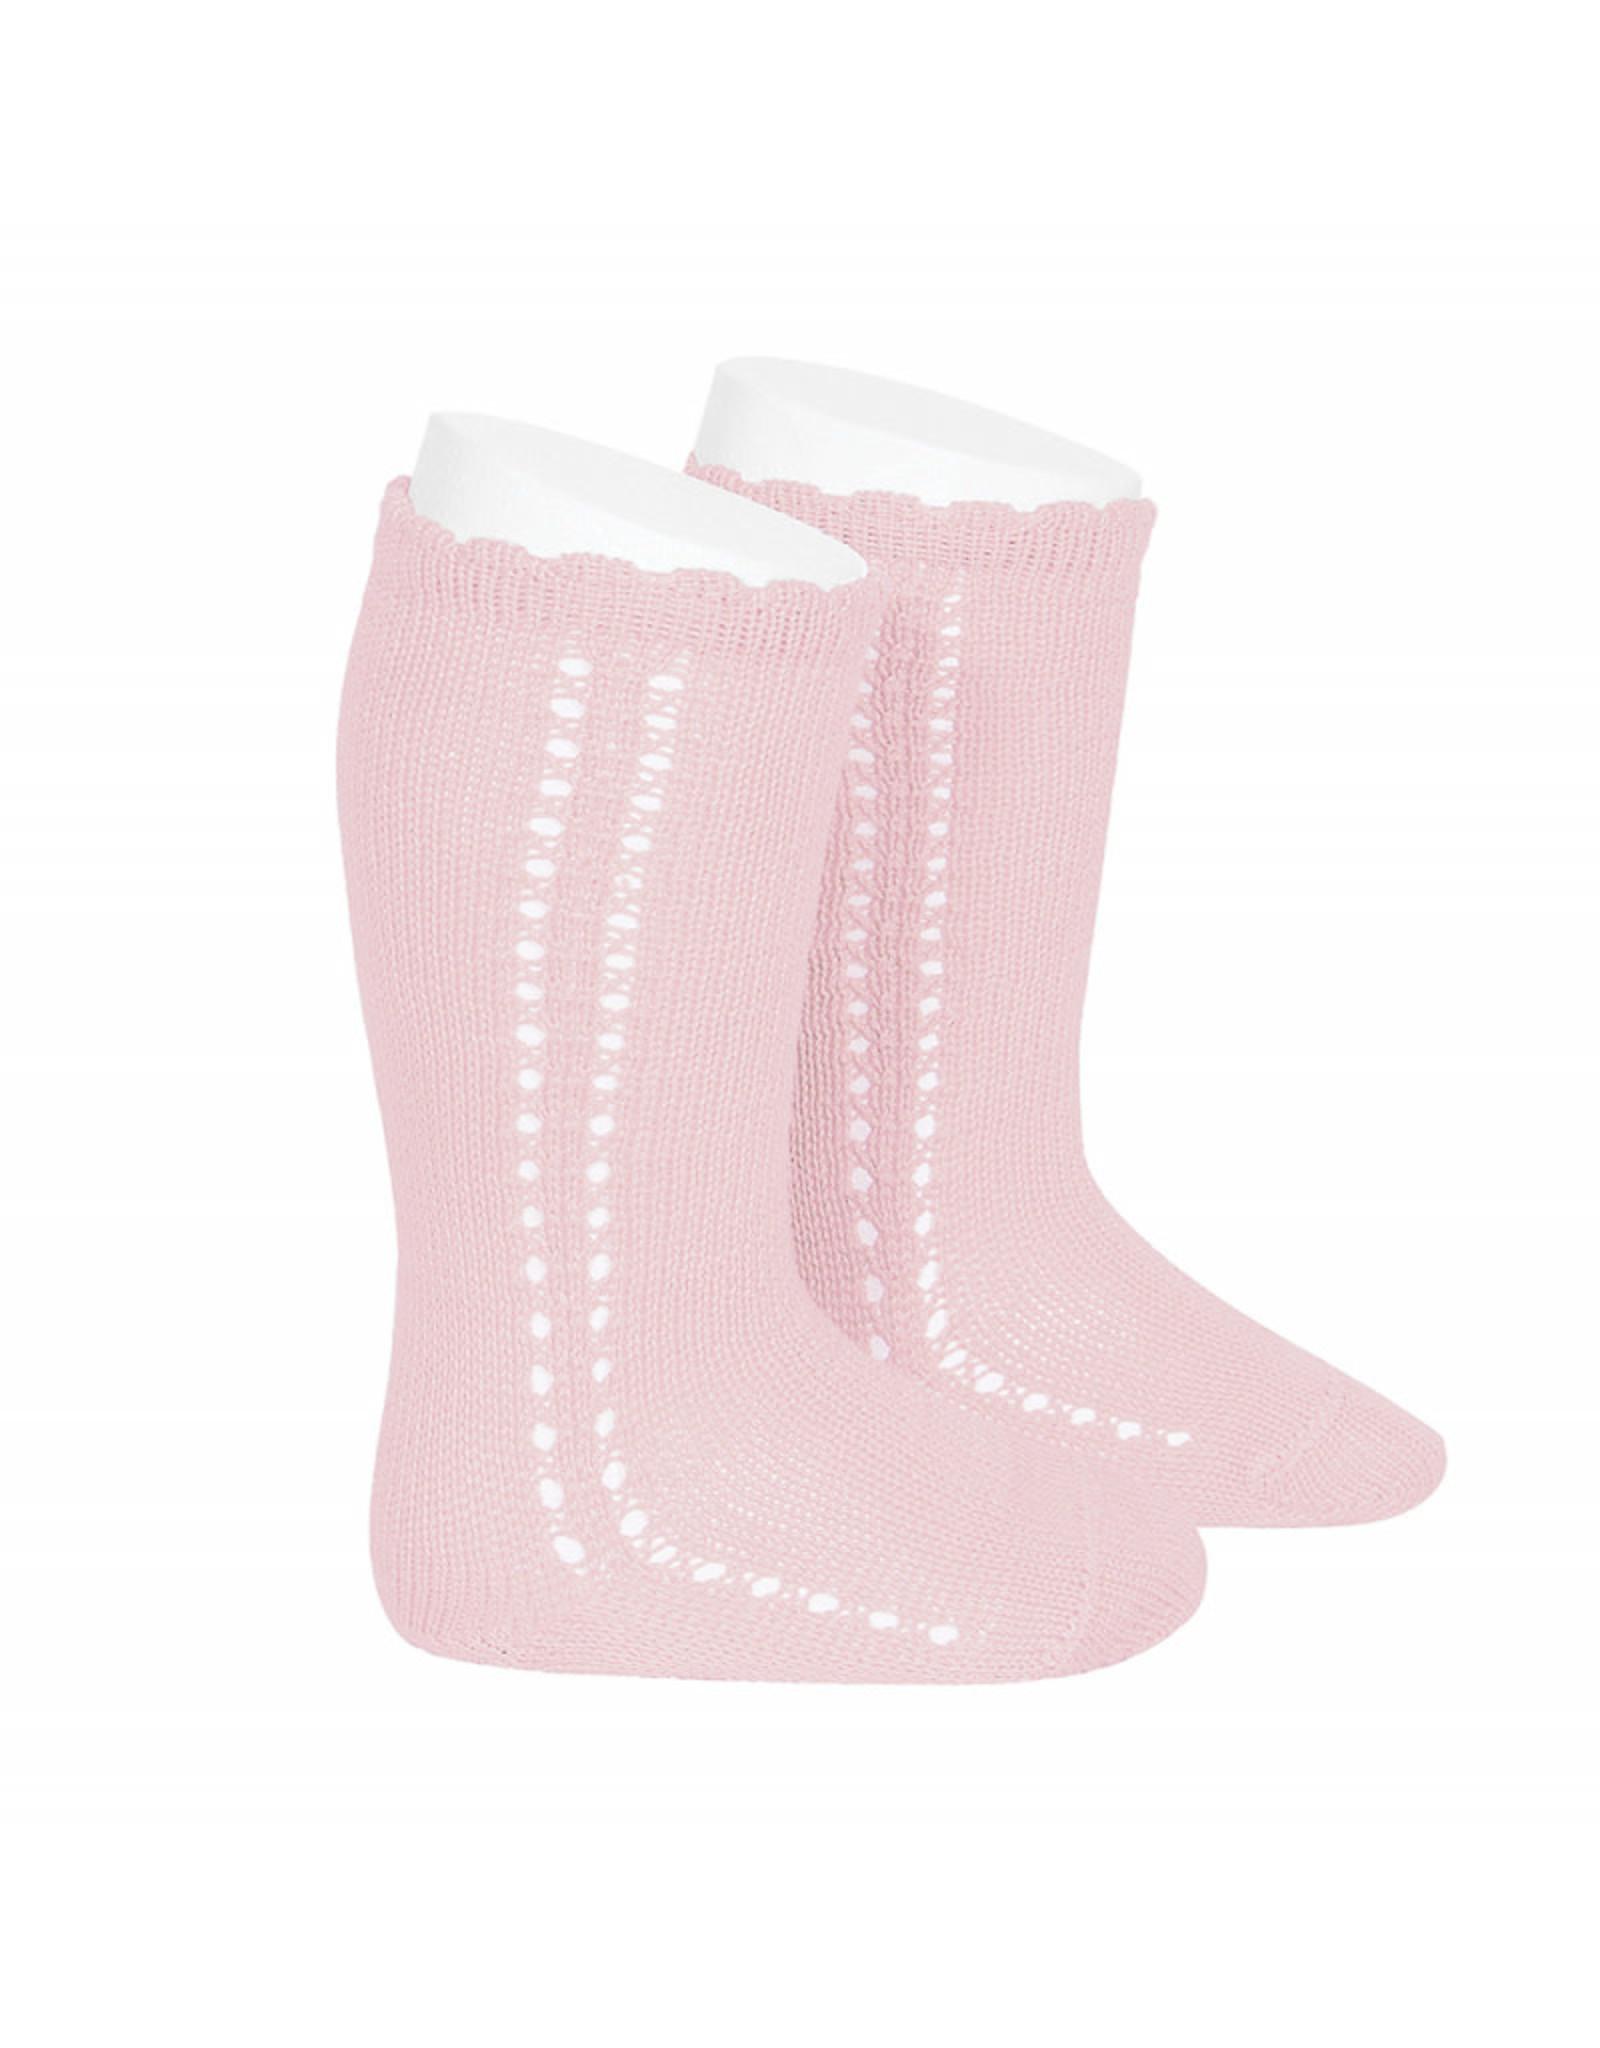 CONDOR Pink Side Openwork Socks